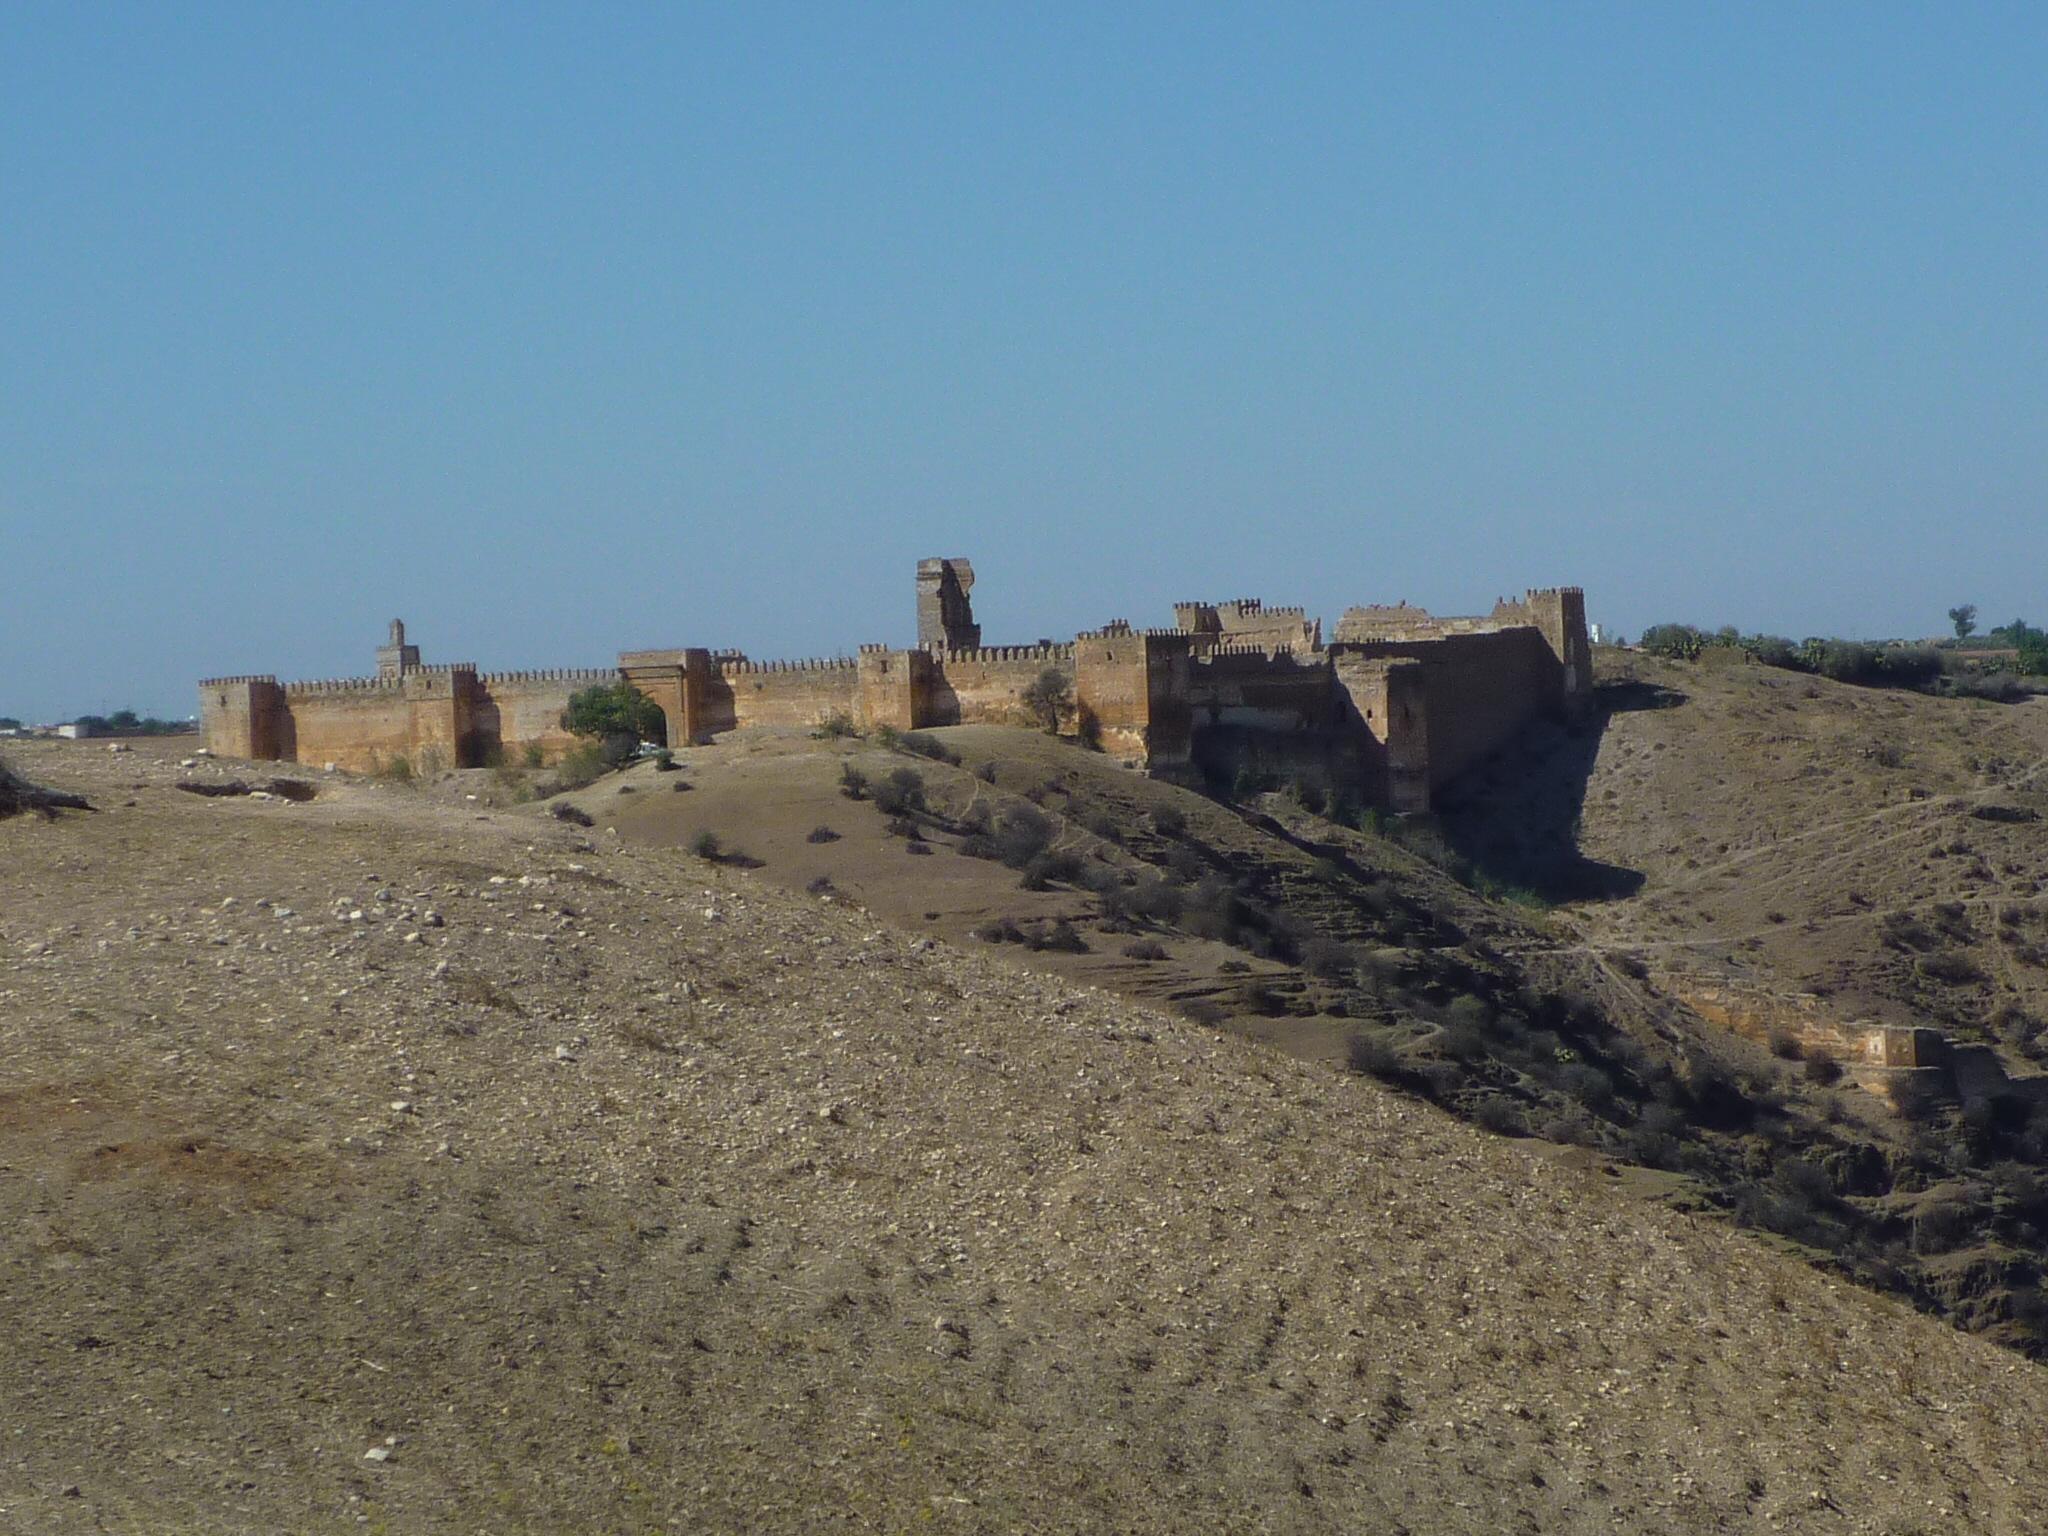 Le Circuit Citadelle sur les traces de Saint-Ex au Maroc